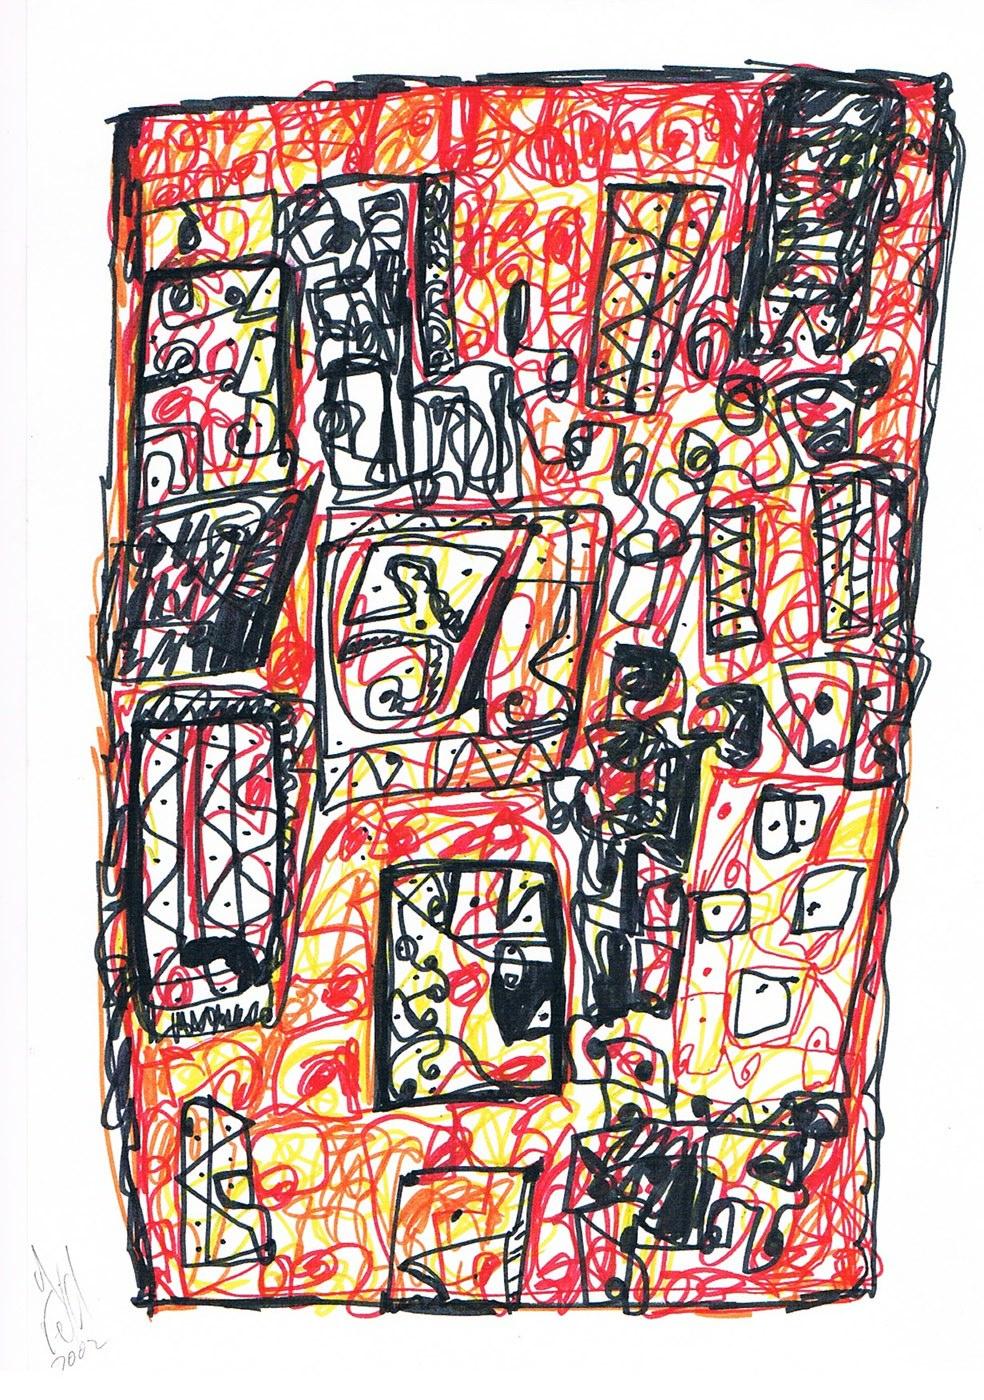 MARC FELD 2002 VOLIÈRE 1 Stylo feutre sur papier 21 x 29,7 cm